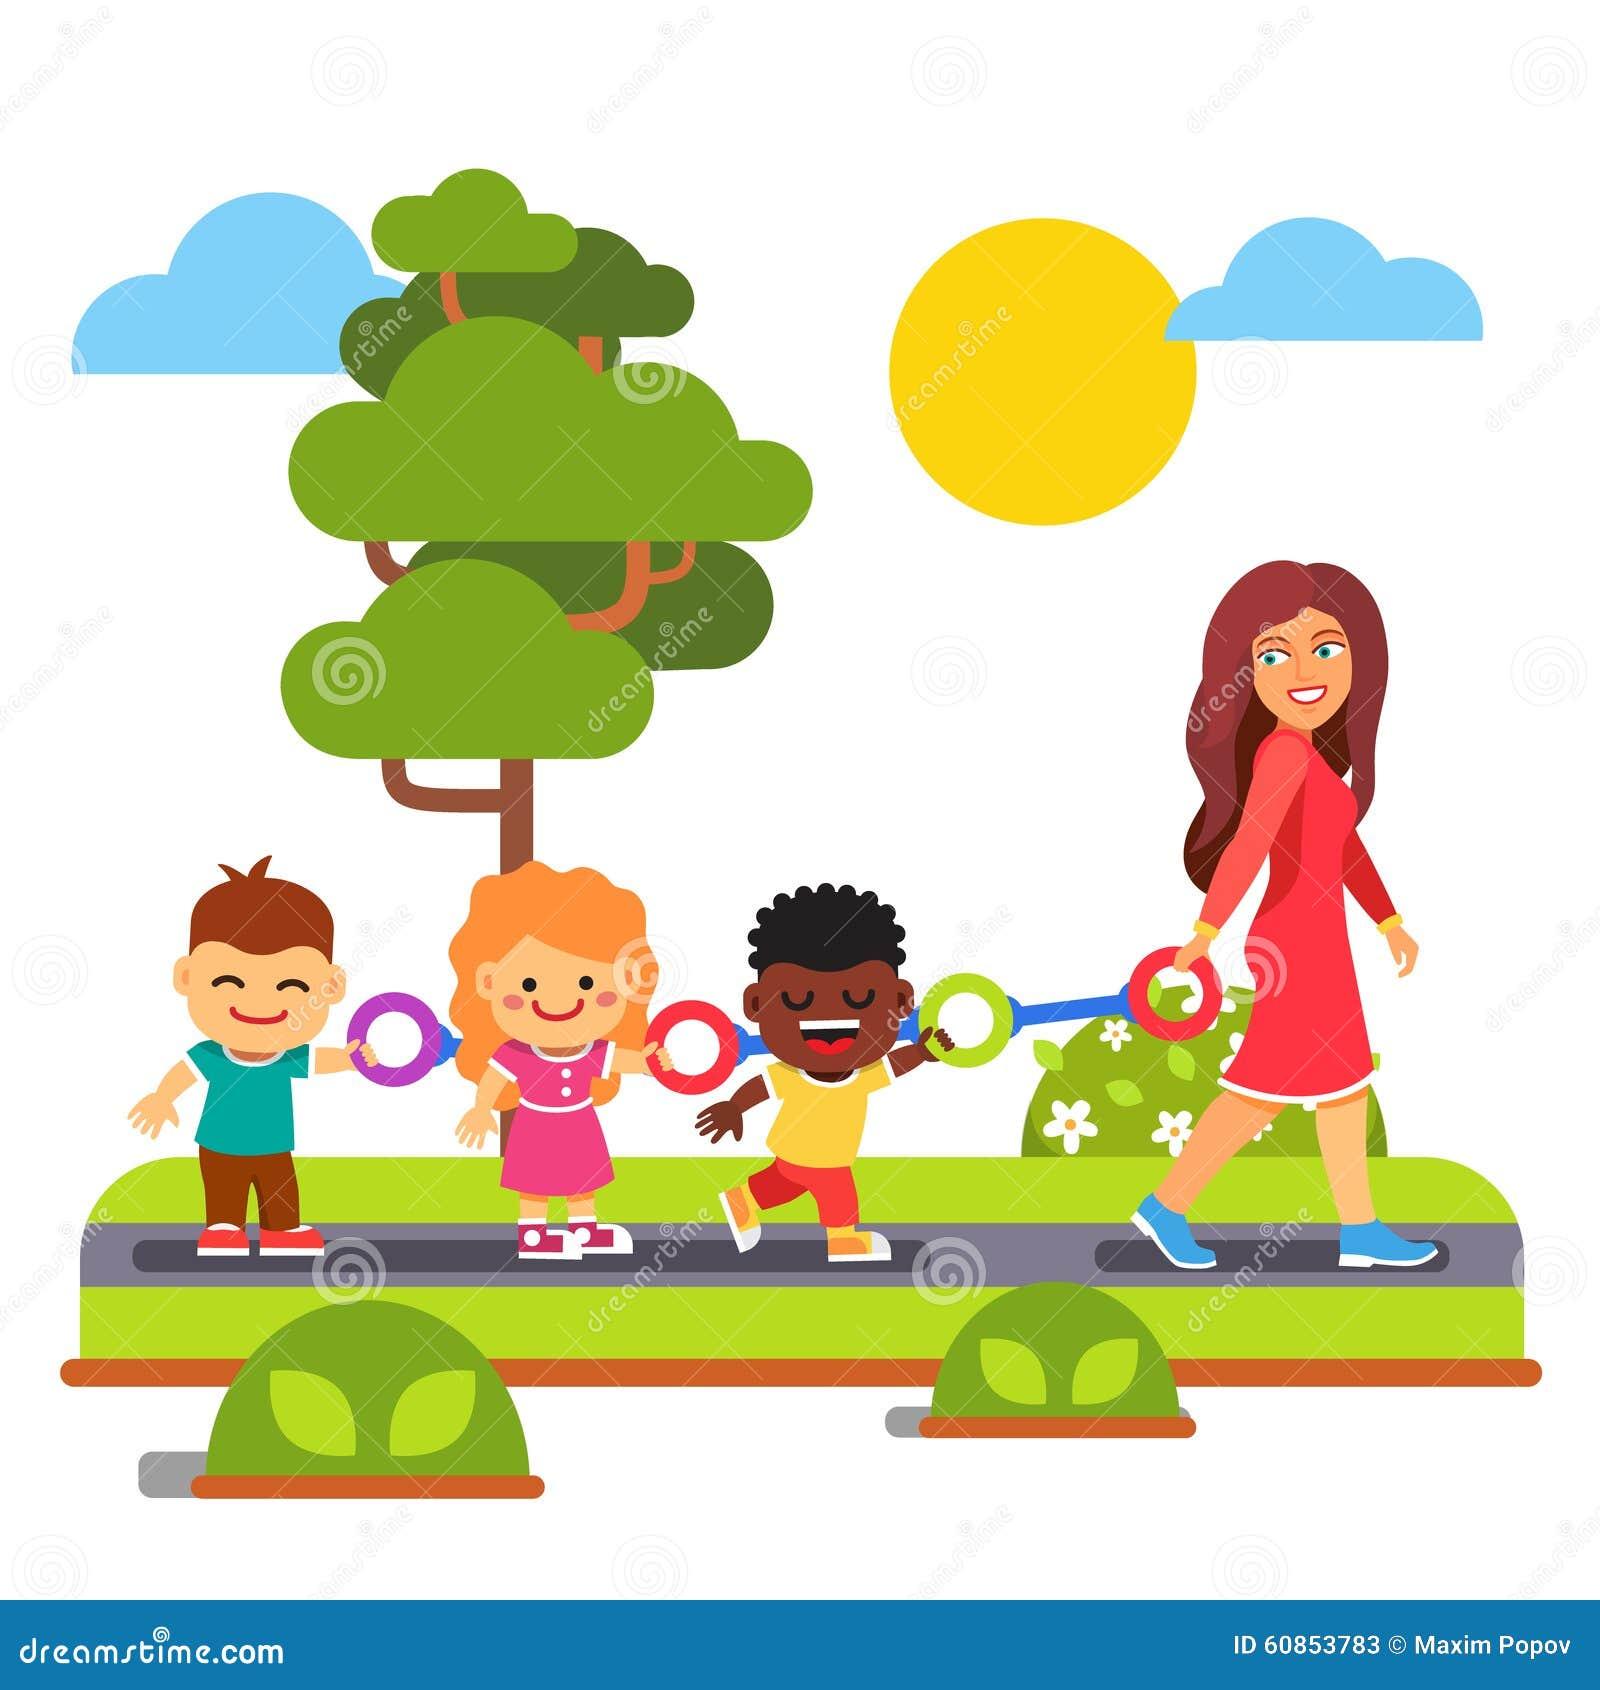 Kindergarten Teacher Walking With Kids Outdoors Stock